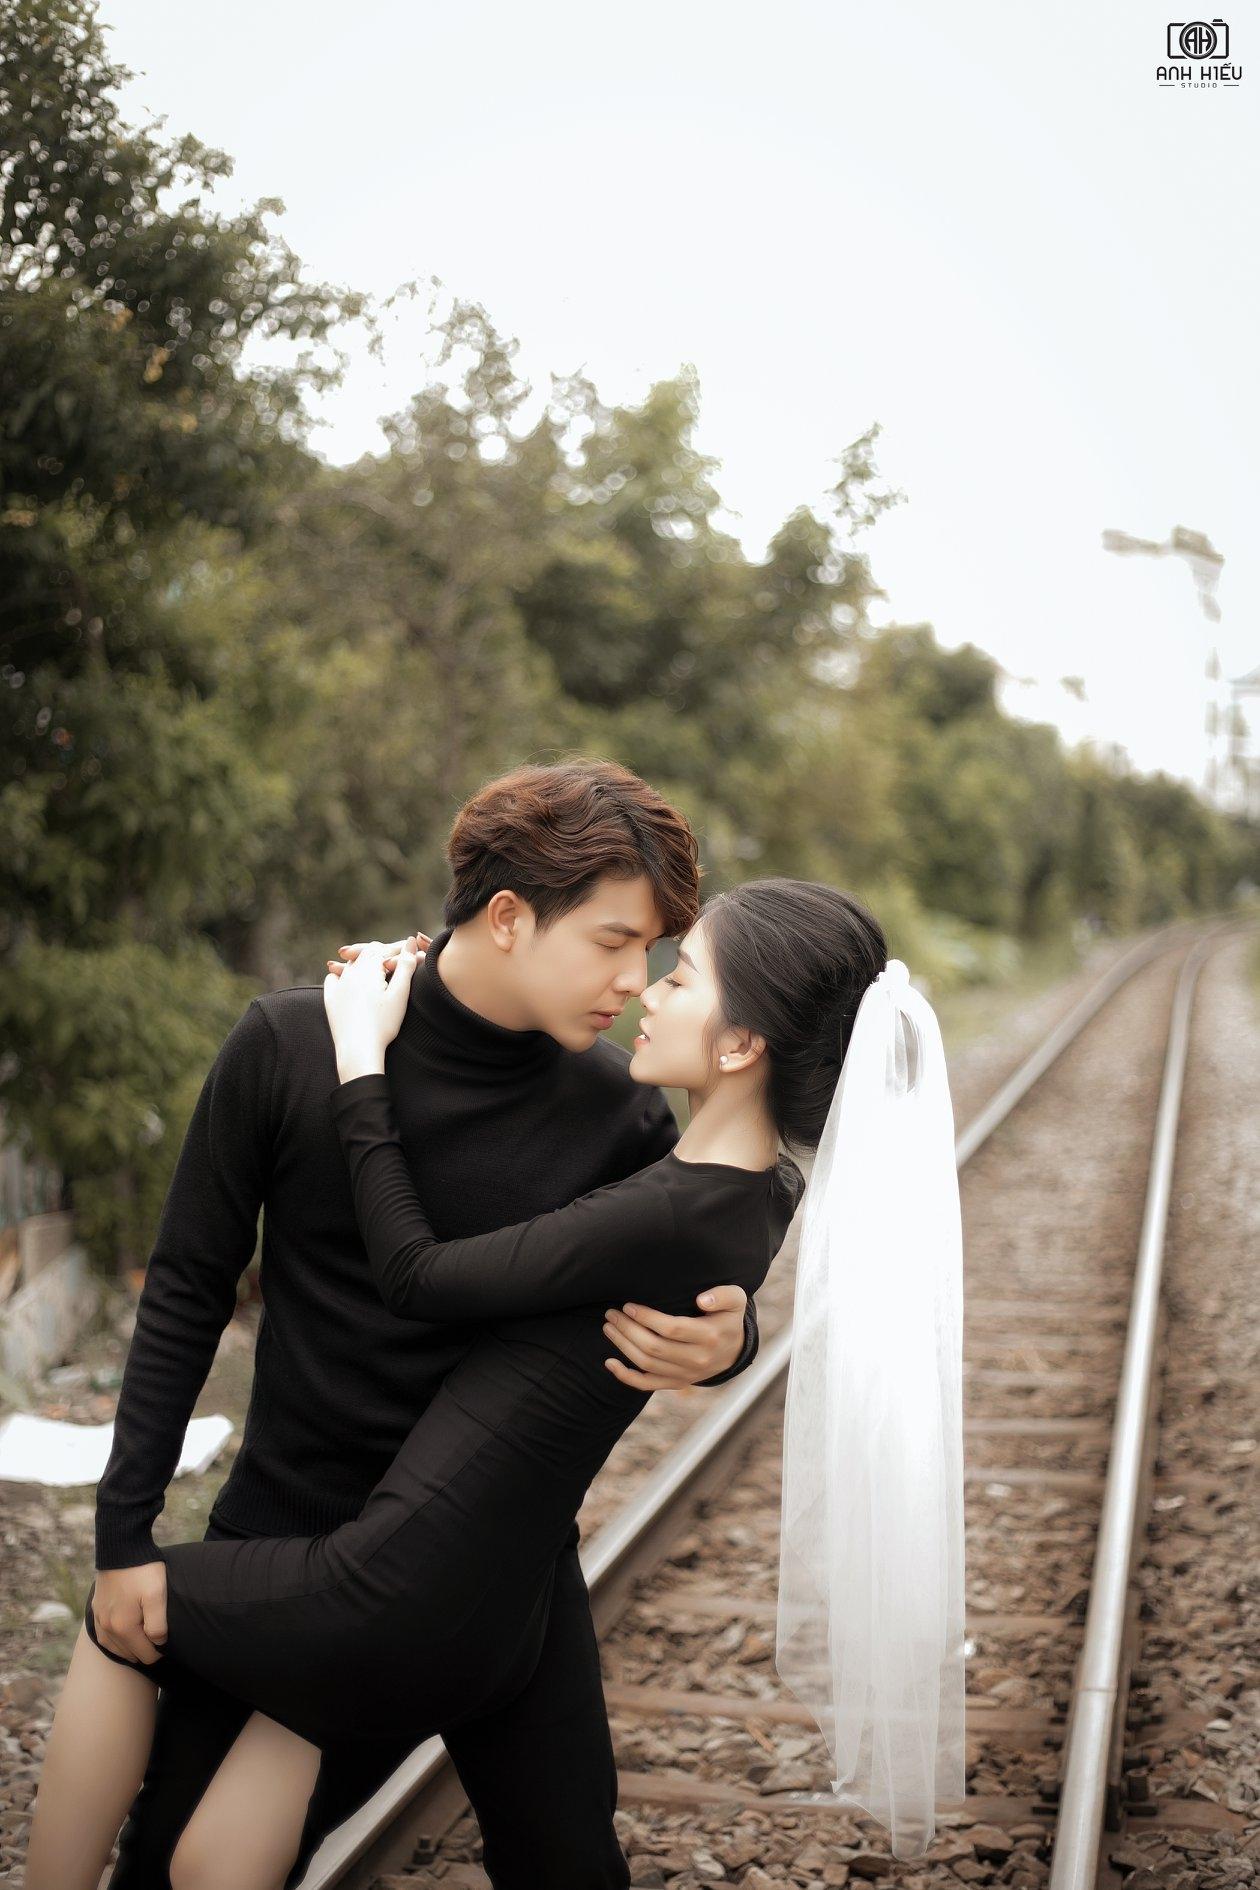 Hinh Cuoi Sai Gon Pho Album 4 (1)